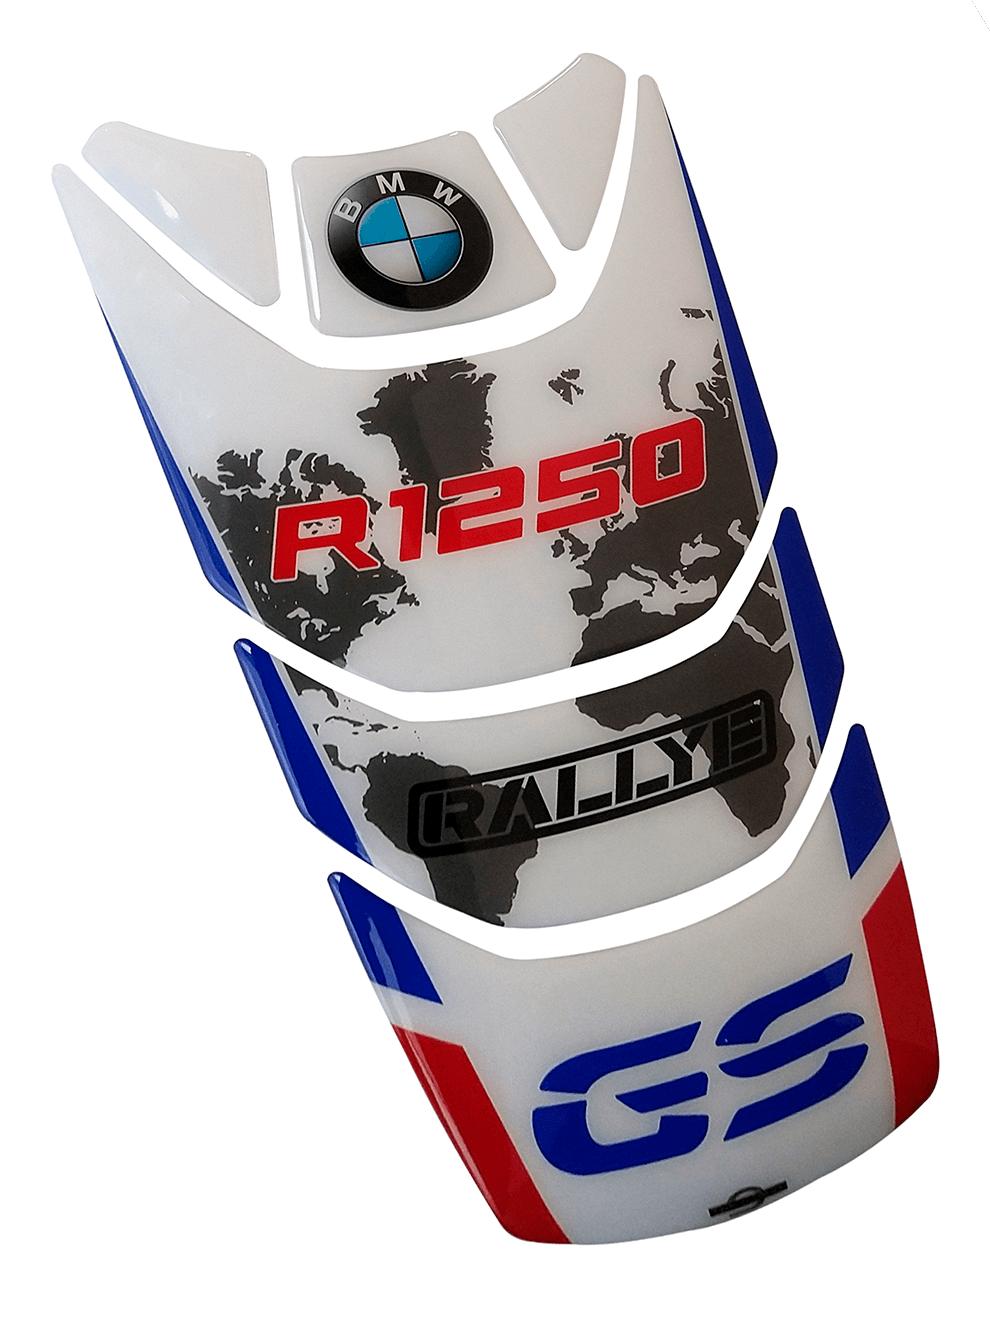 KIT Adesivos Protetor Tanque BMW R1250 GS Adventure Rallye Rosa dos Ventos Azul